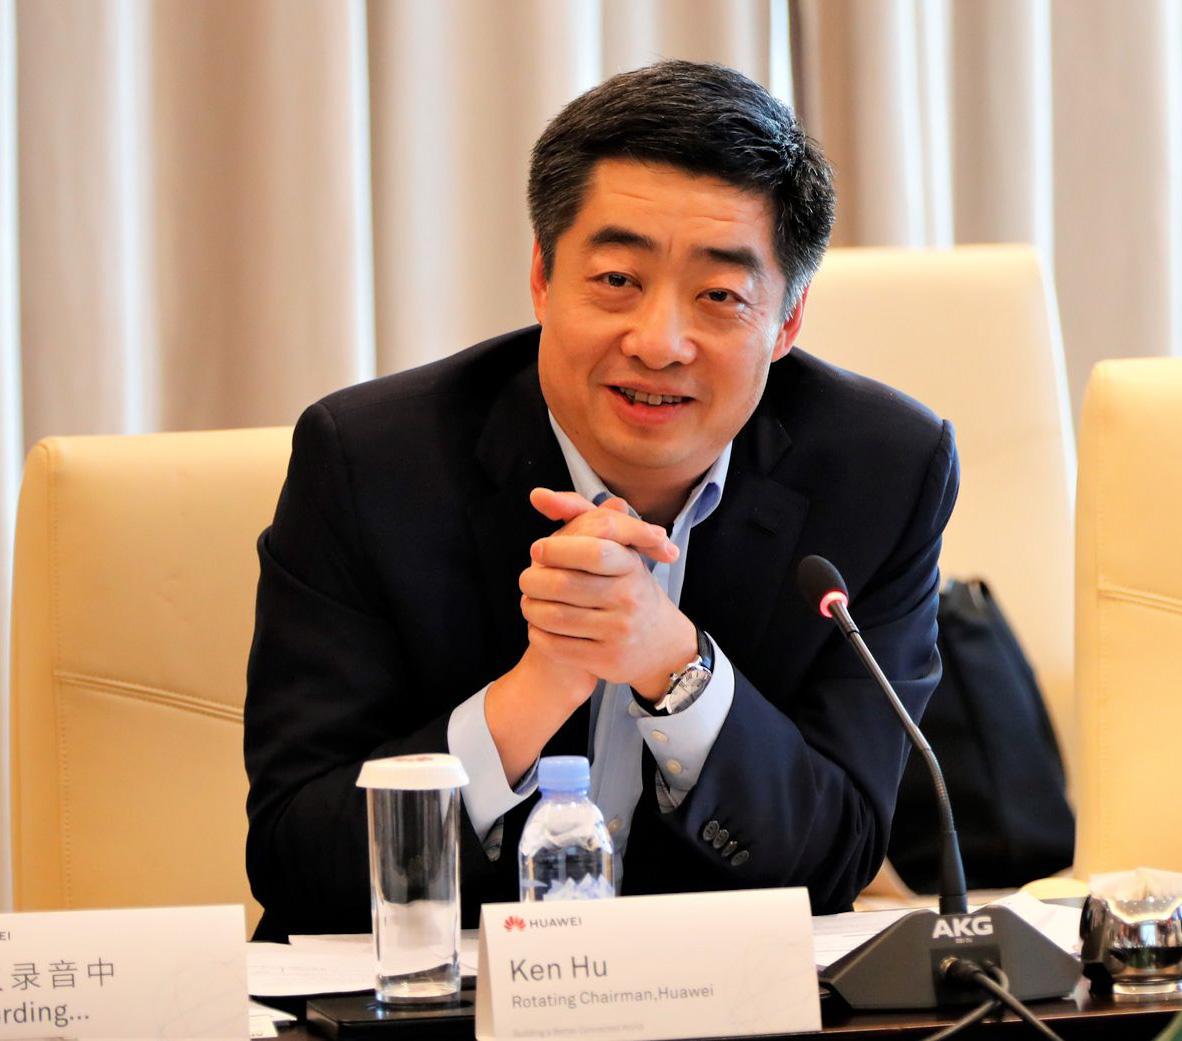 В Китае прошла презентация Huawei по вопросам безопасности